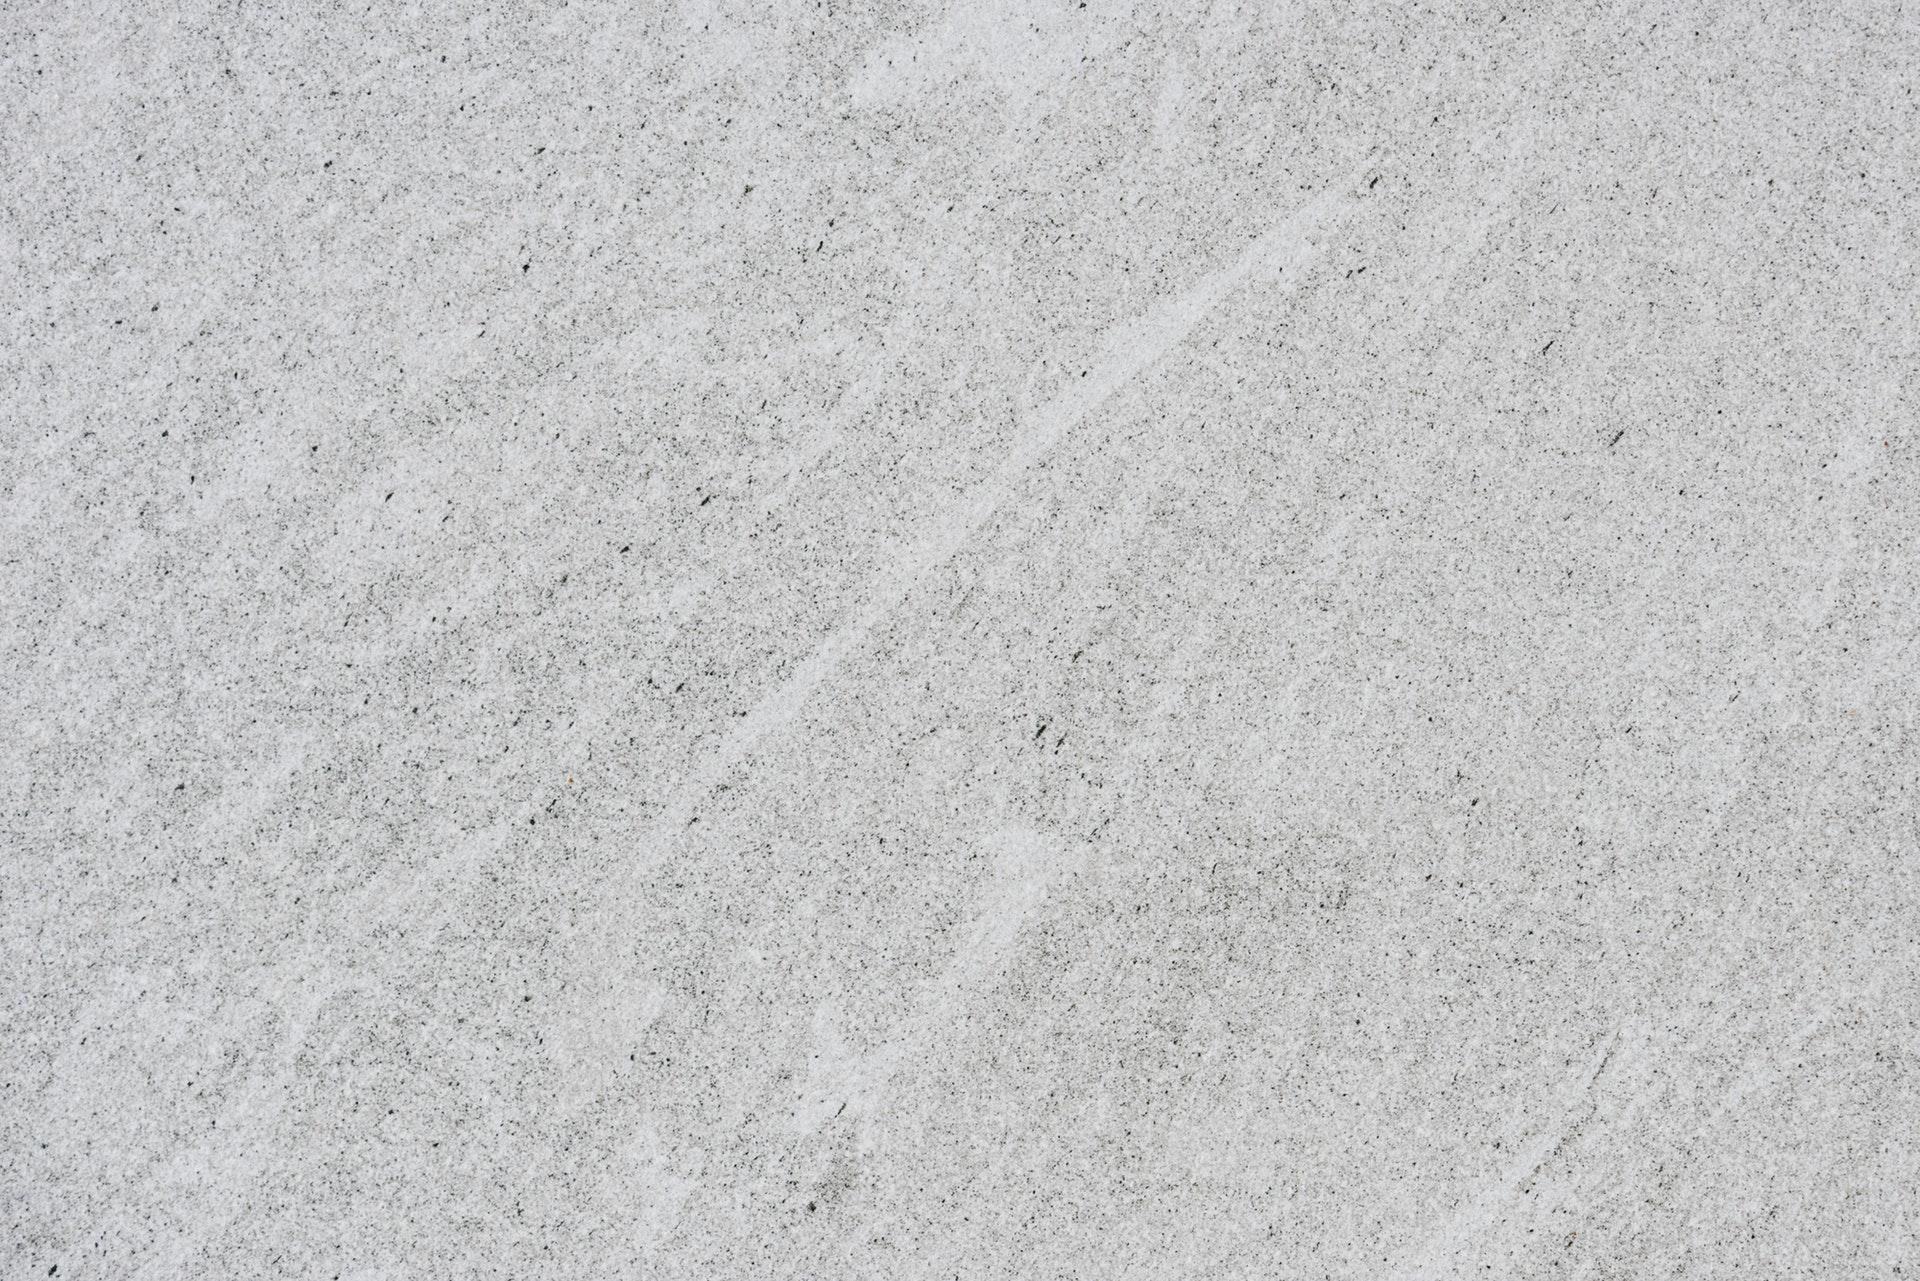 cement-close-up-concrete-1619843